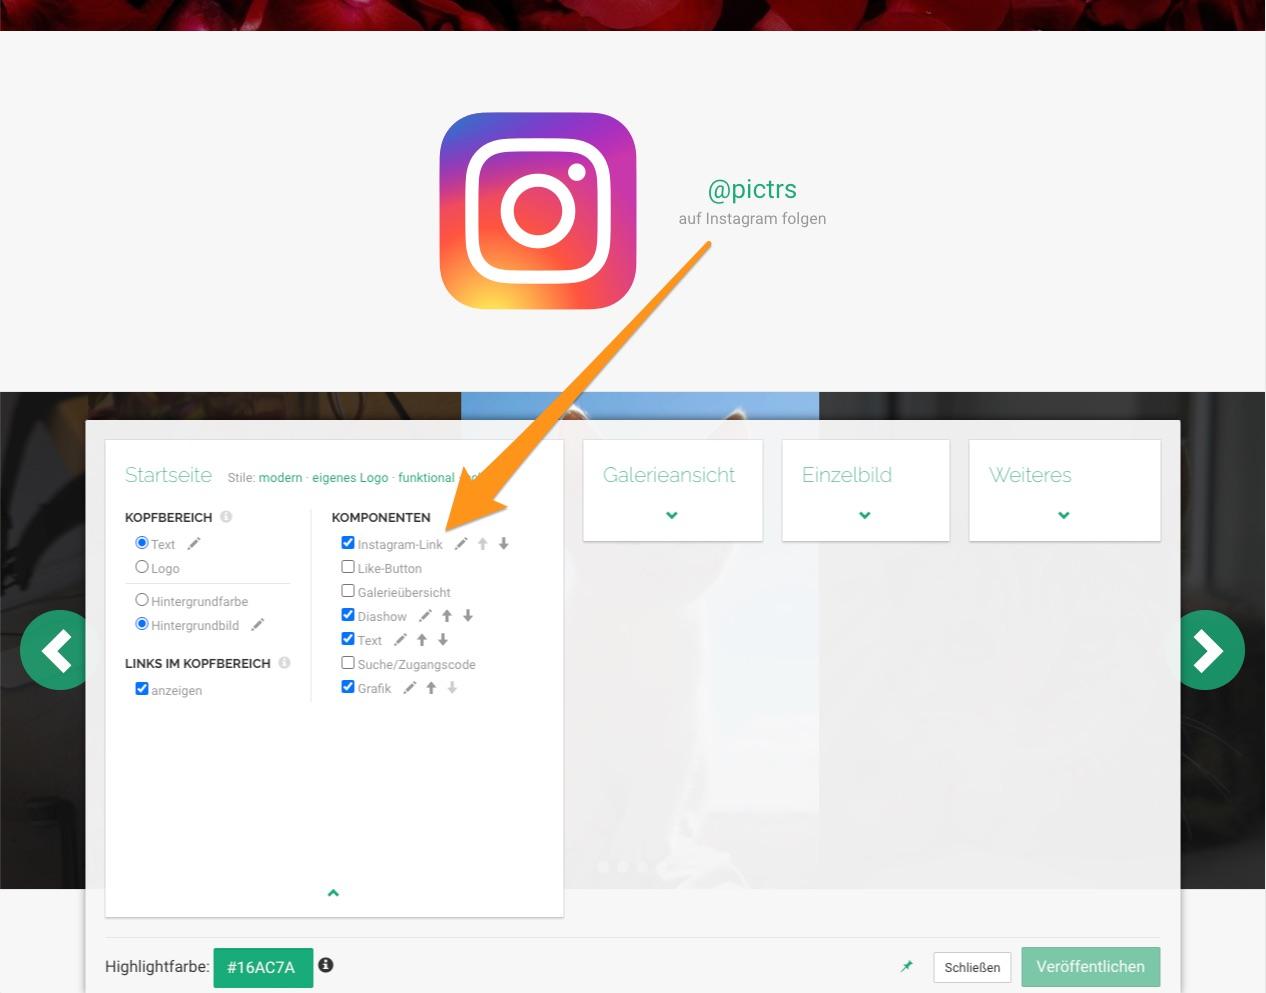 Pictrs-Shop mit Link zu Instagram auf der Startseite